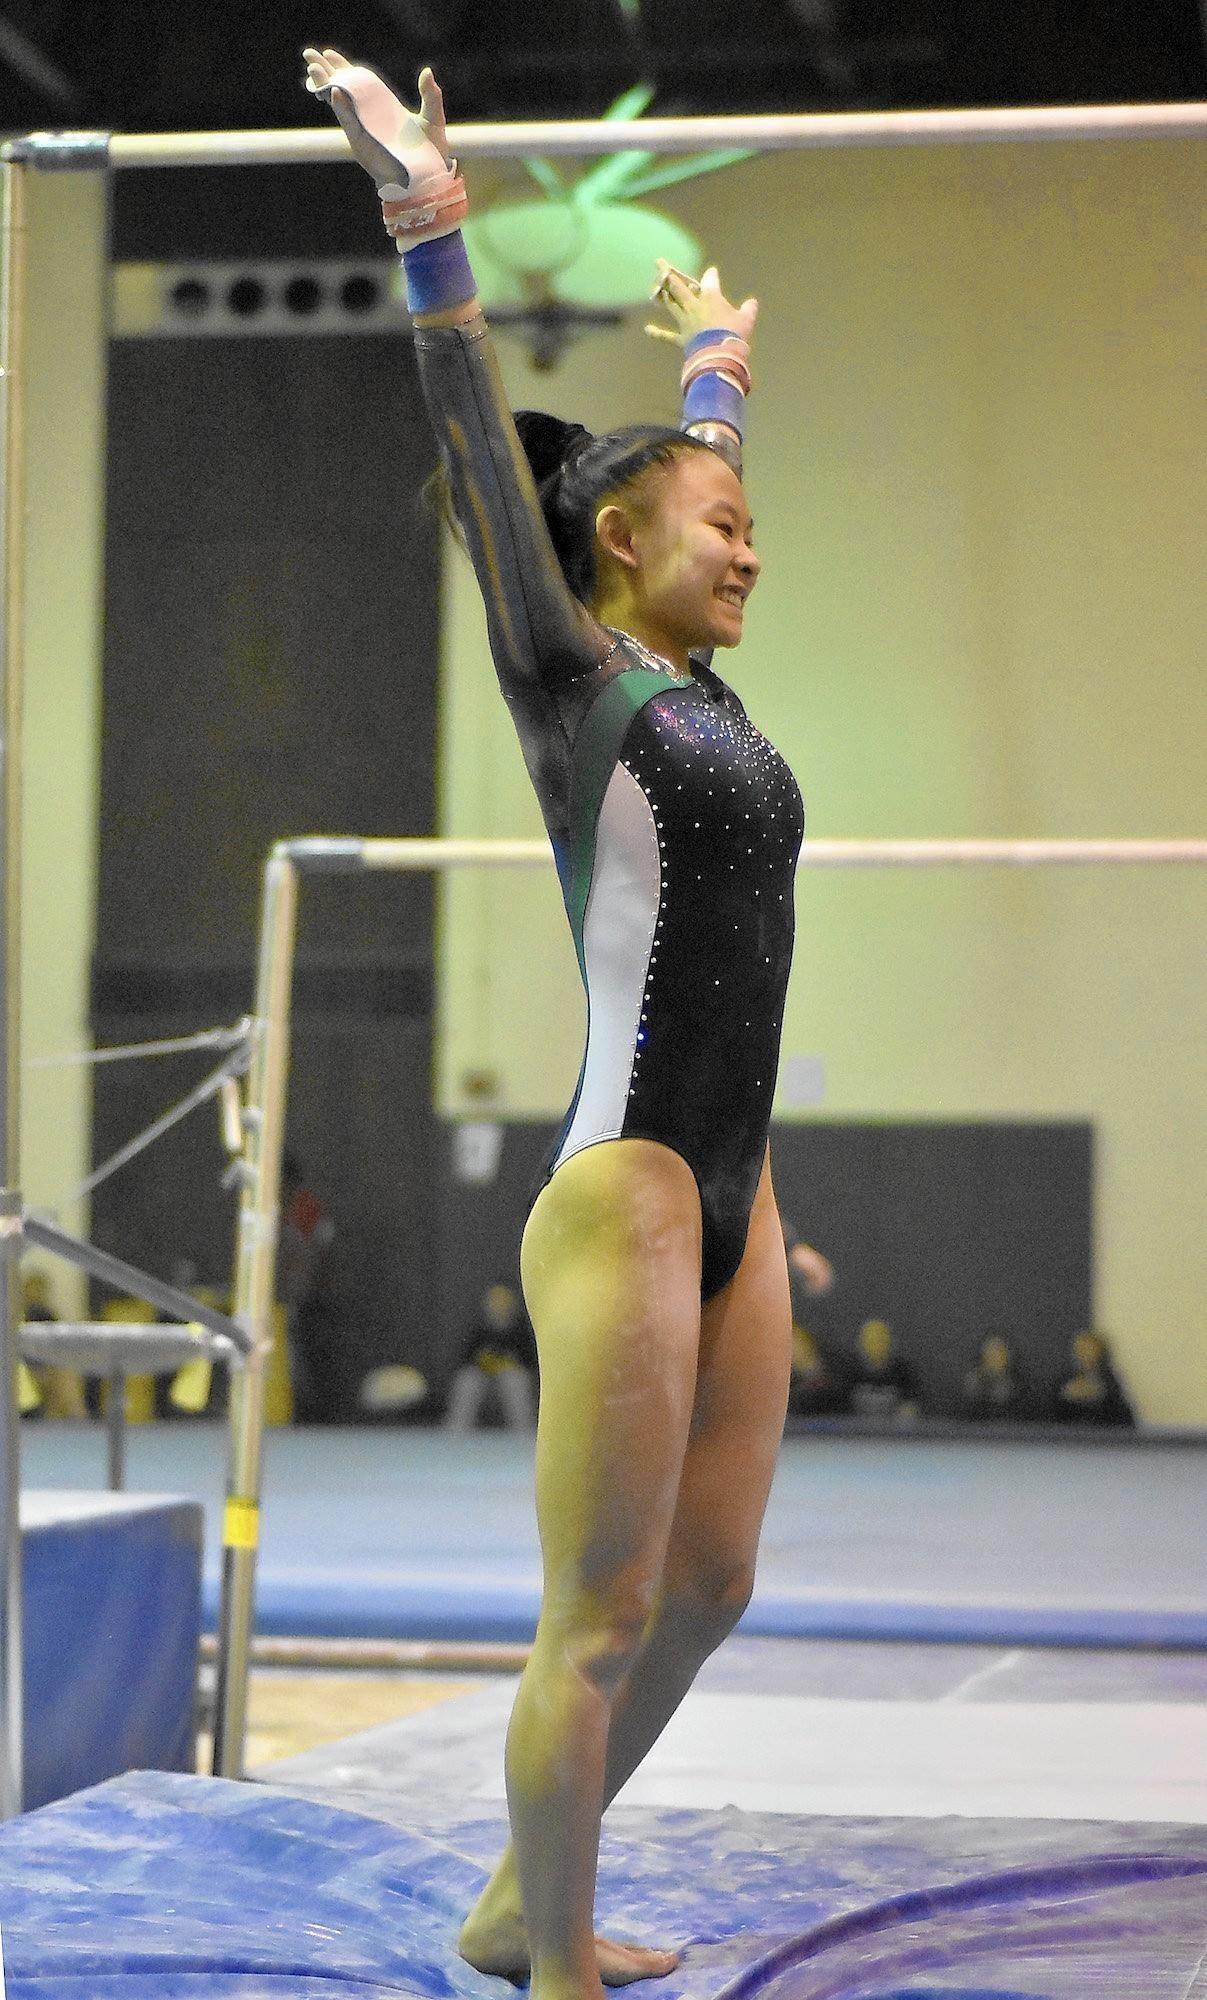 world class gymnastics meet